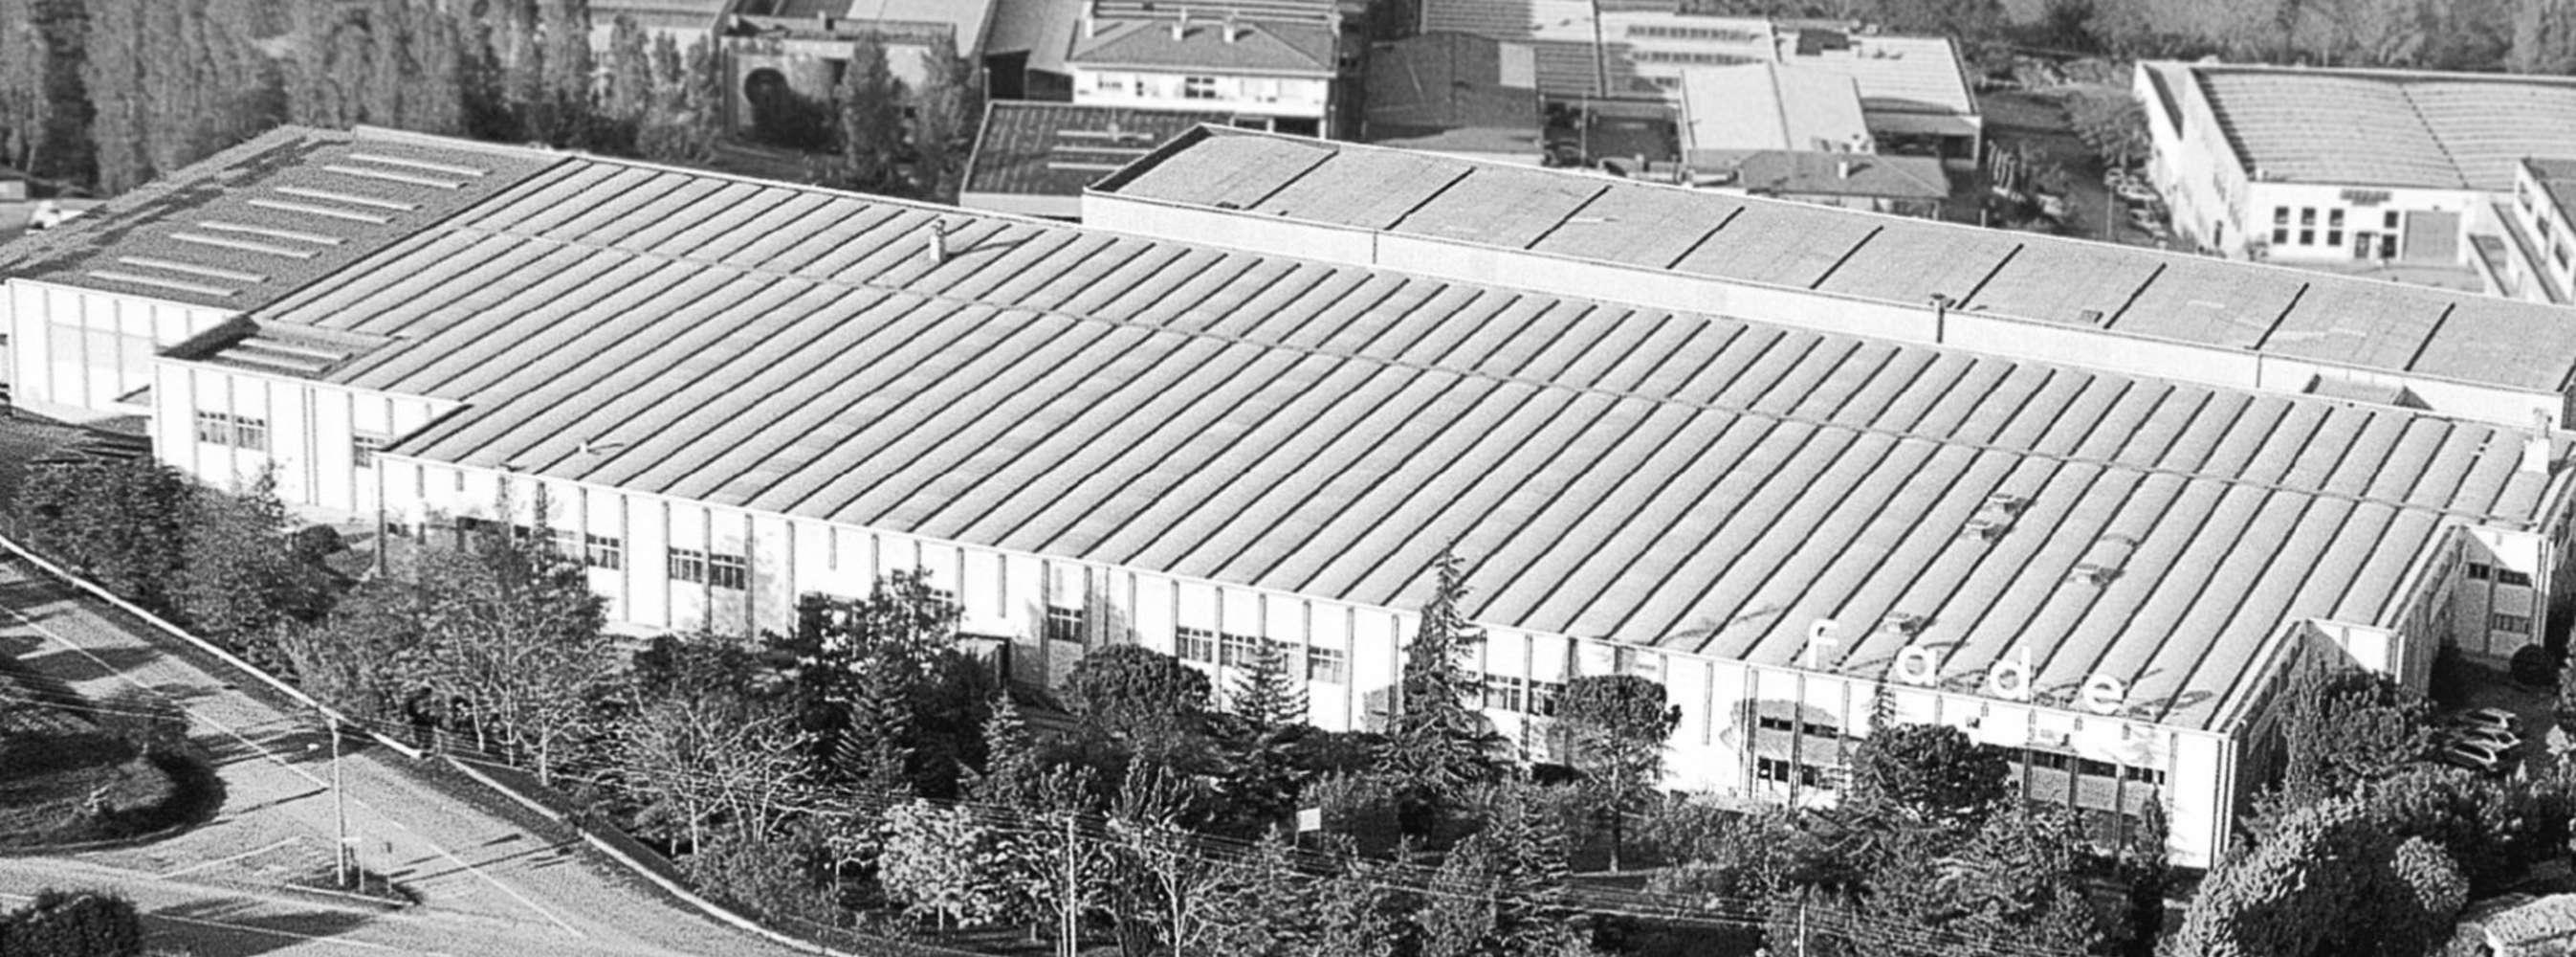 Magazzini industriali e logistici Dogana, 47890 - Capannone industriale San Marino